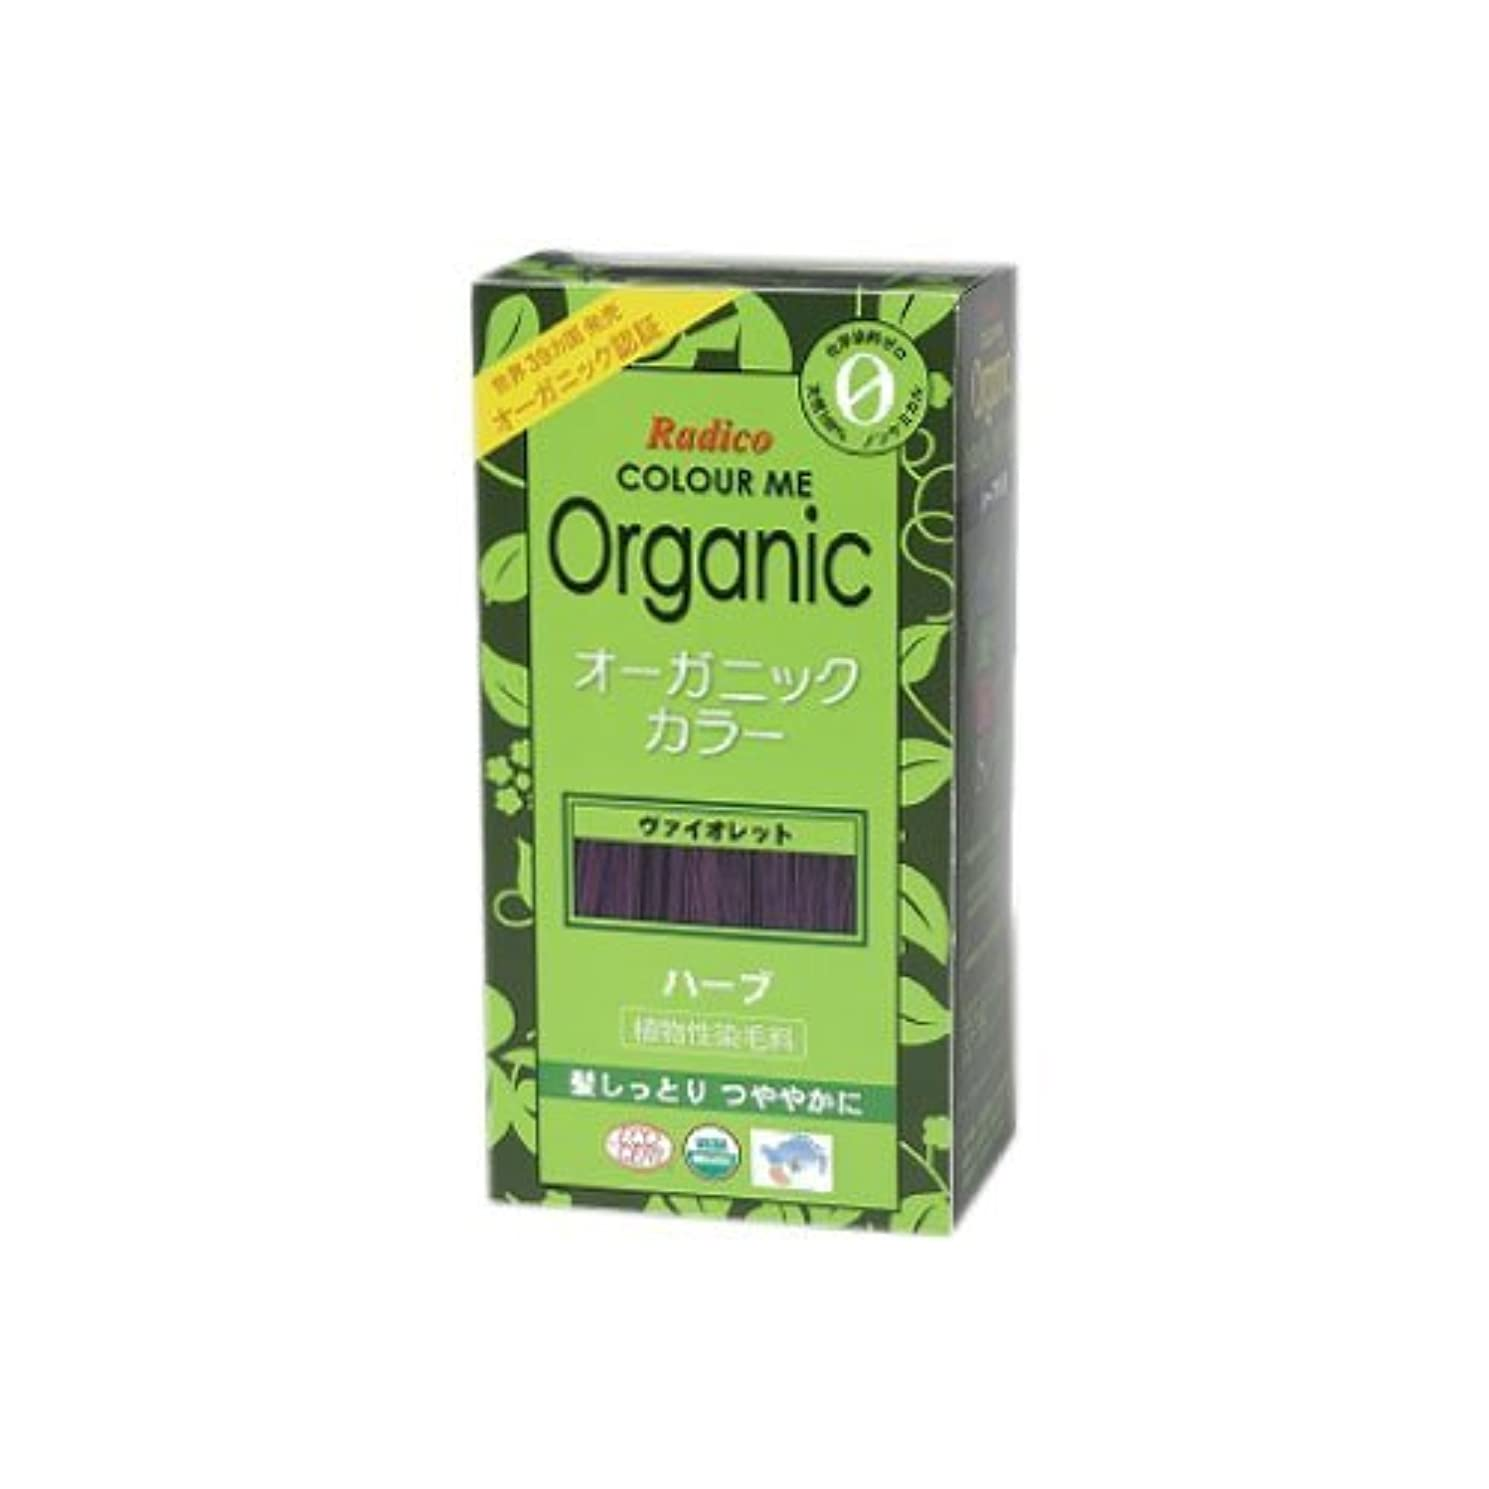 ブランデー魂ジョイントCOLOURME Organic (カラーミーオーガニック ヘナ 白髪用 紫色) ヴァイオレット 100g